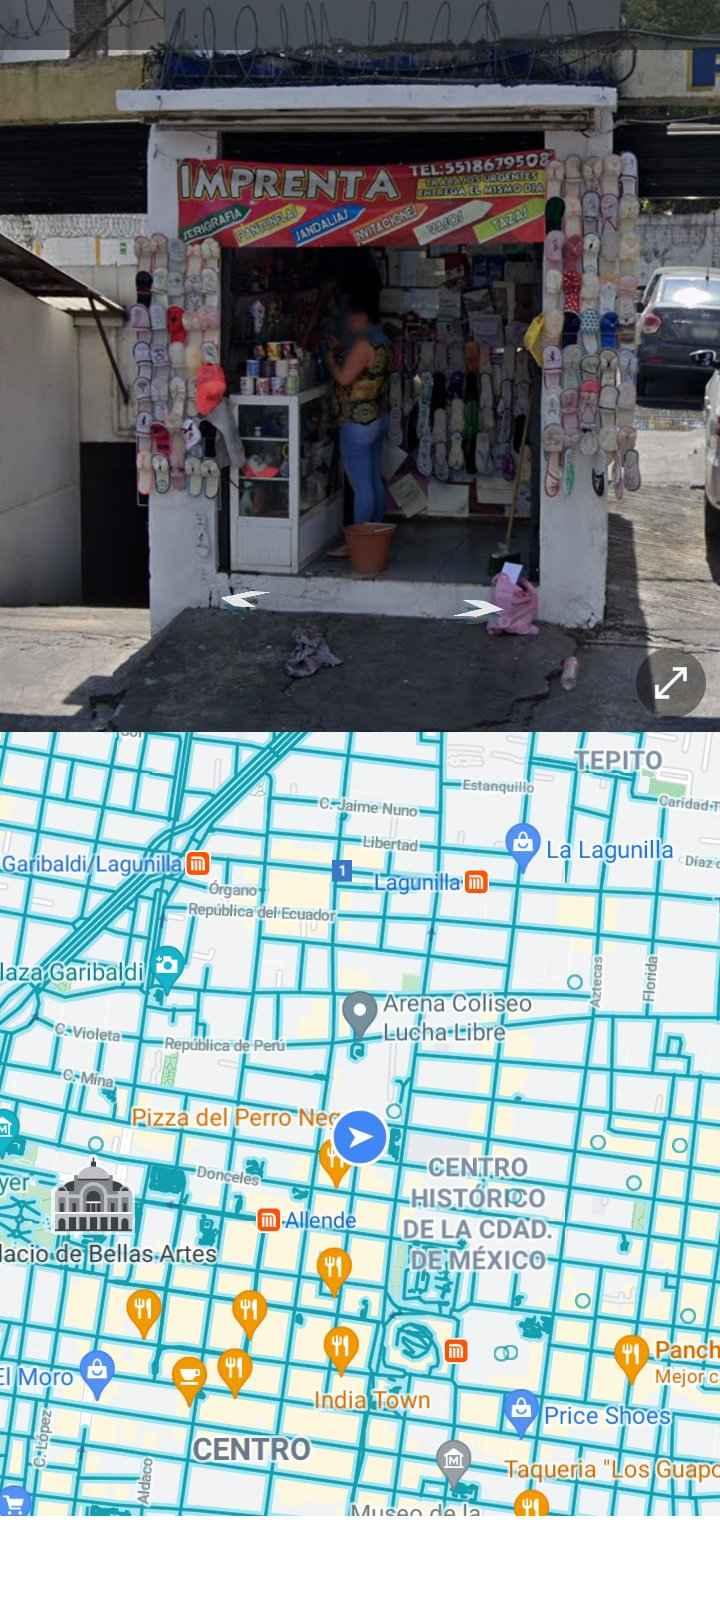 Ojo con la compra de pantuflas en el centro!! - 1